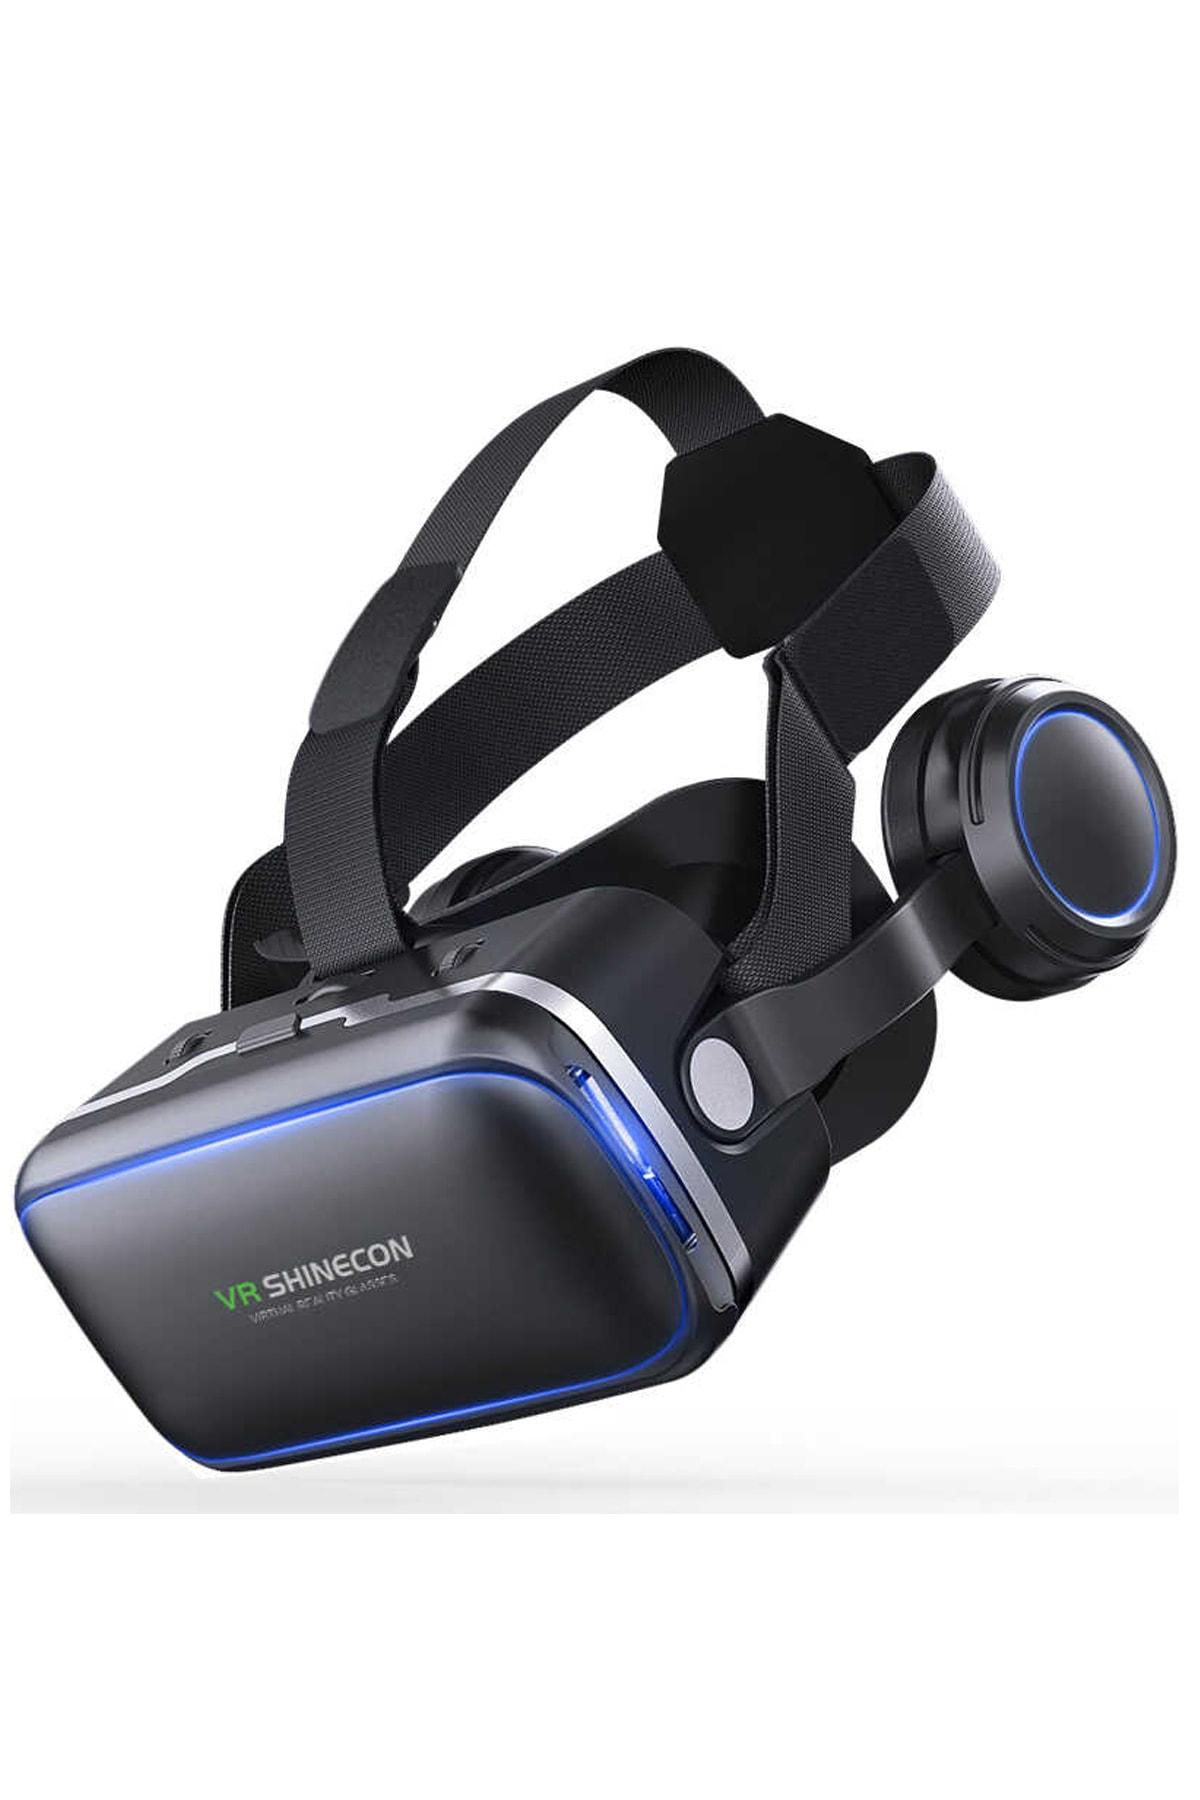 VR Shinecon Shinecon 3D Sanal Gerçeklik Gözlüğü 3.5-6.2 İnç 1